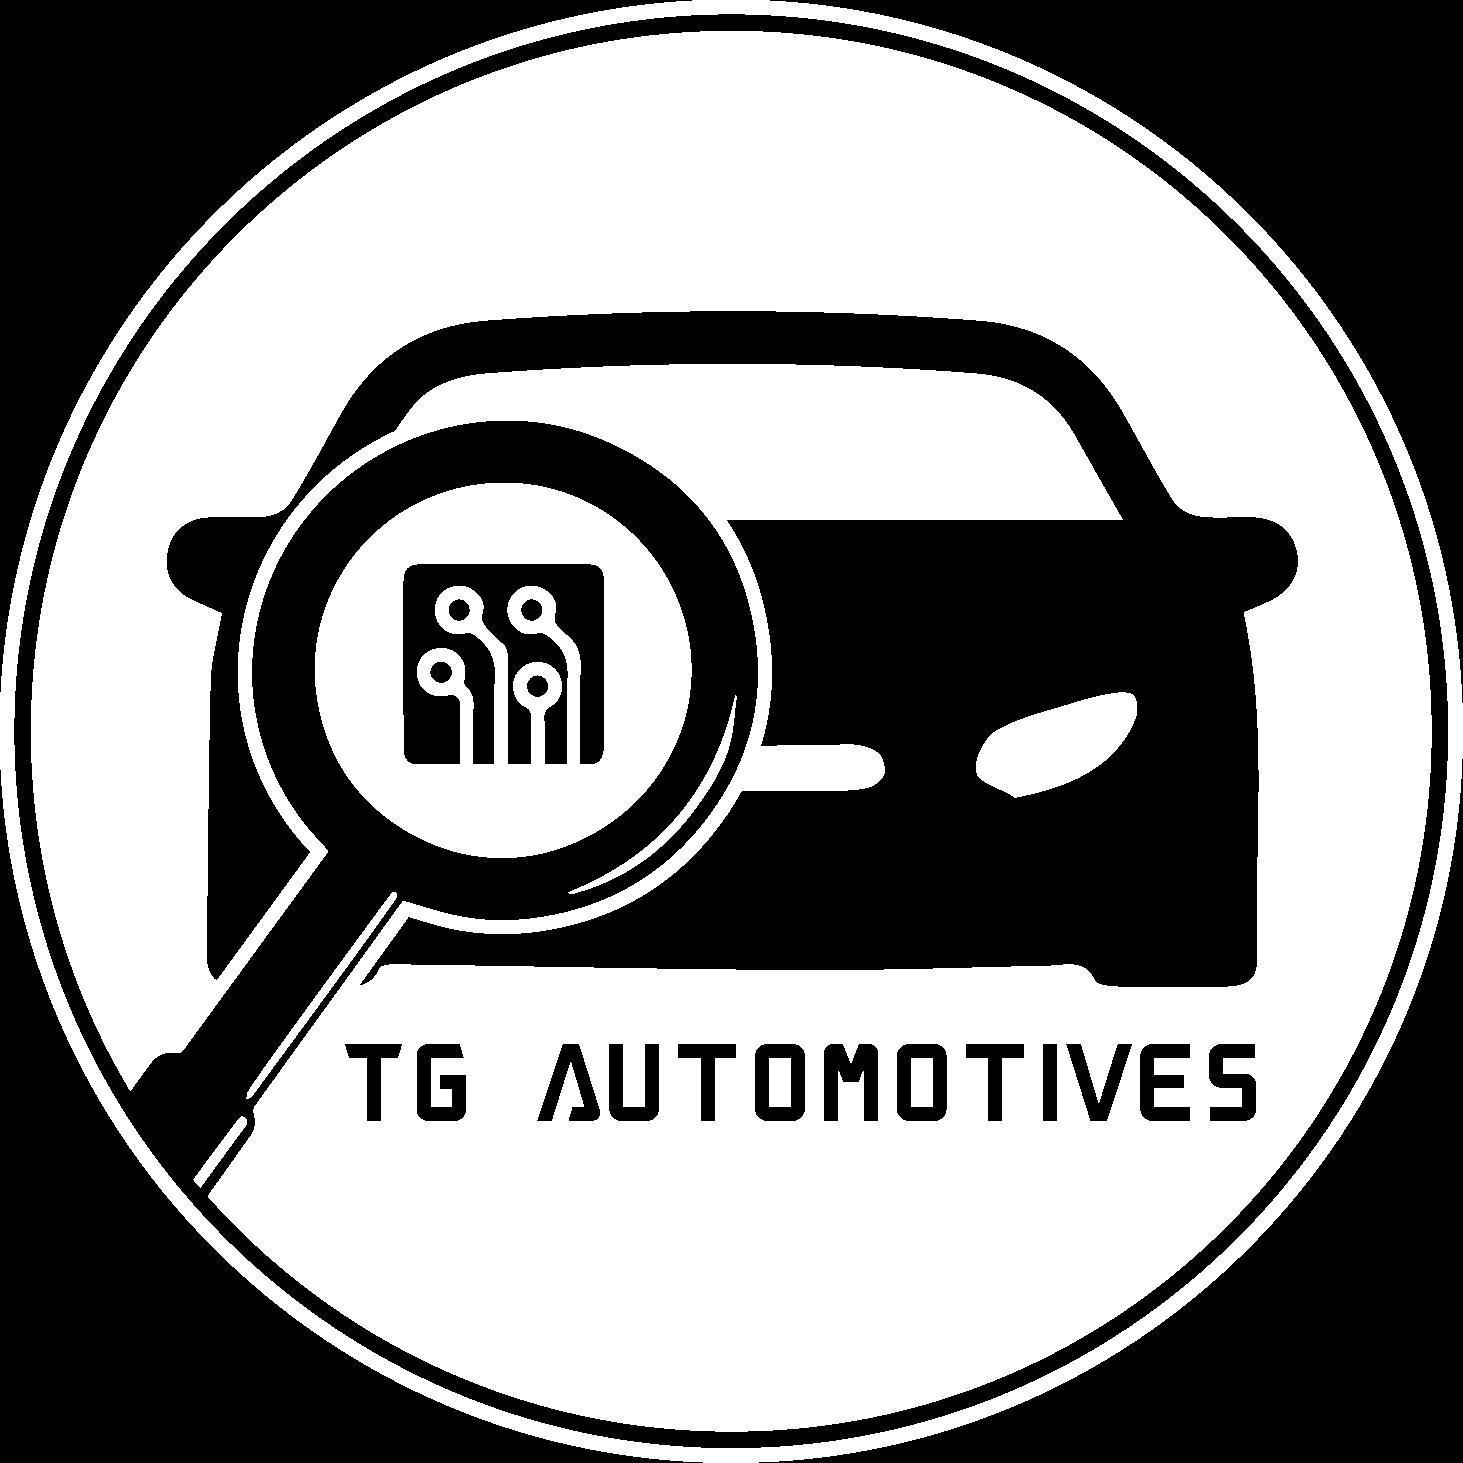 logo2white.gif